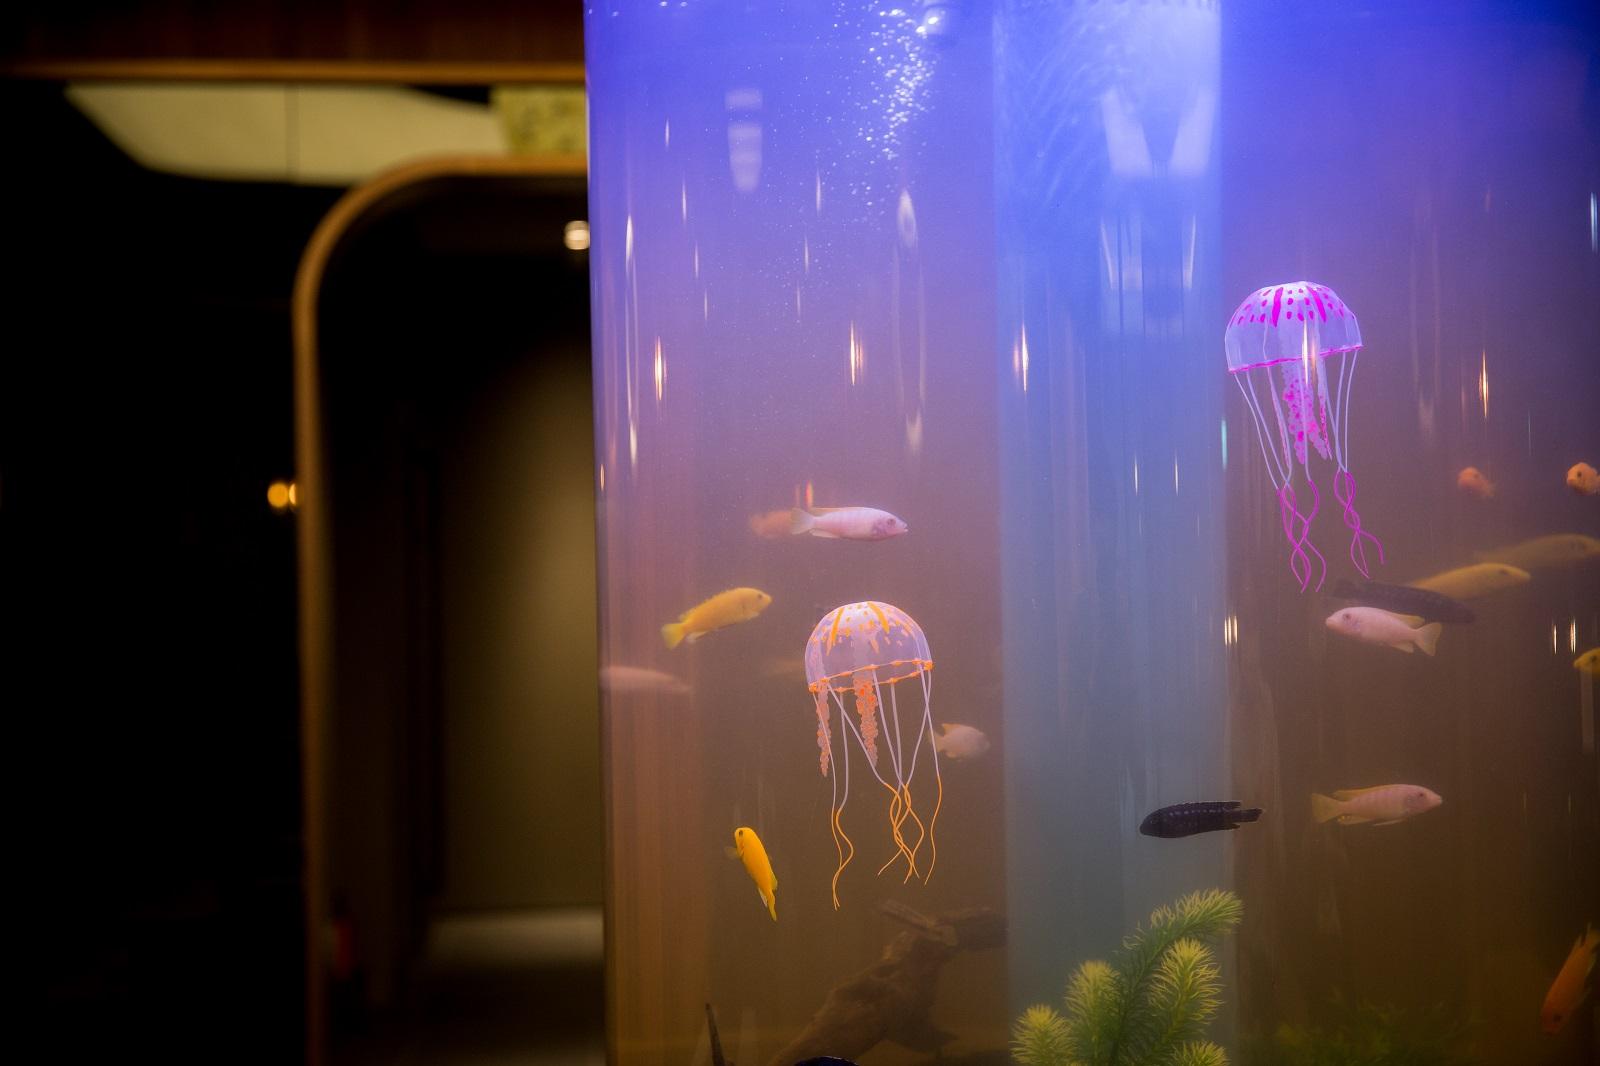 開箱!入住夢幻「海洋飯店」、夜宿Xpark水族館 4大亮點一次看